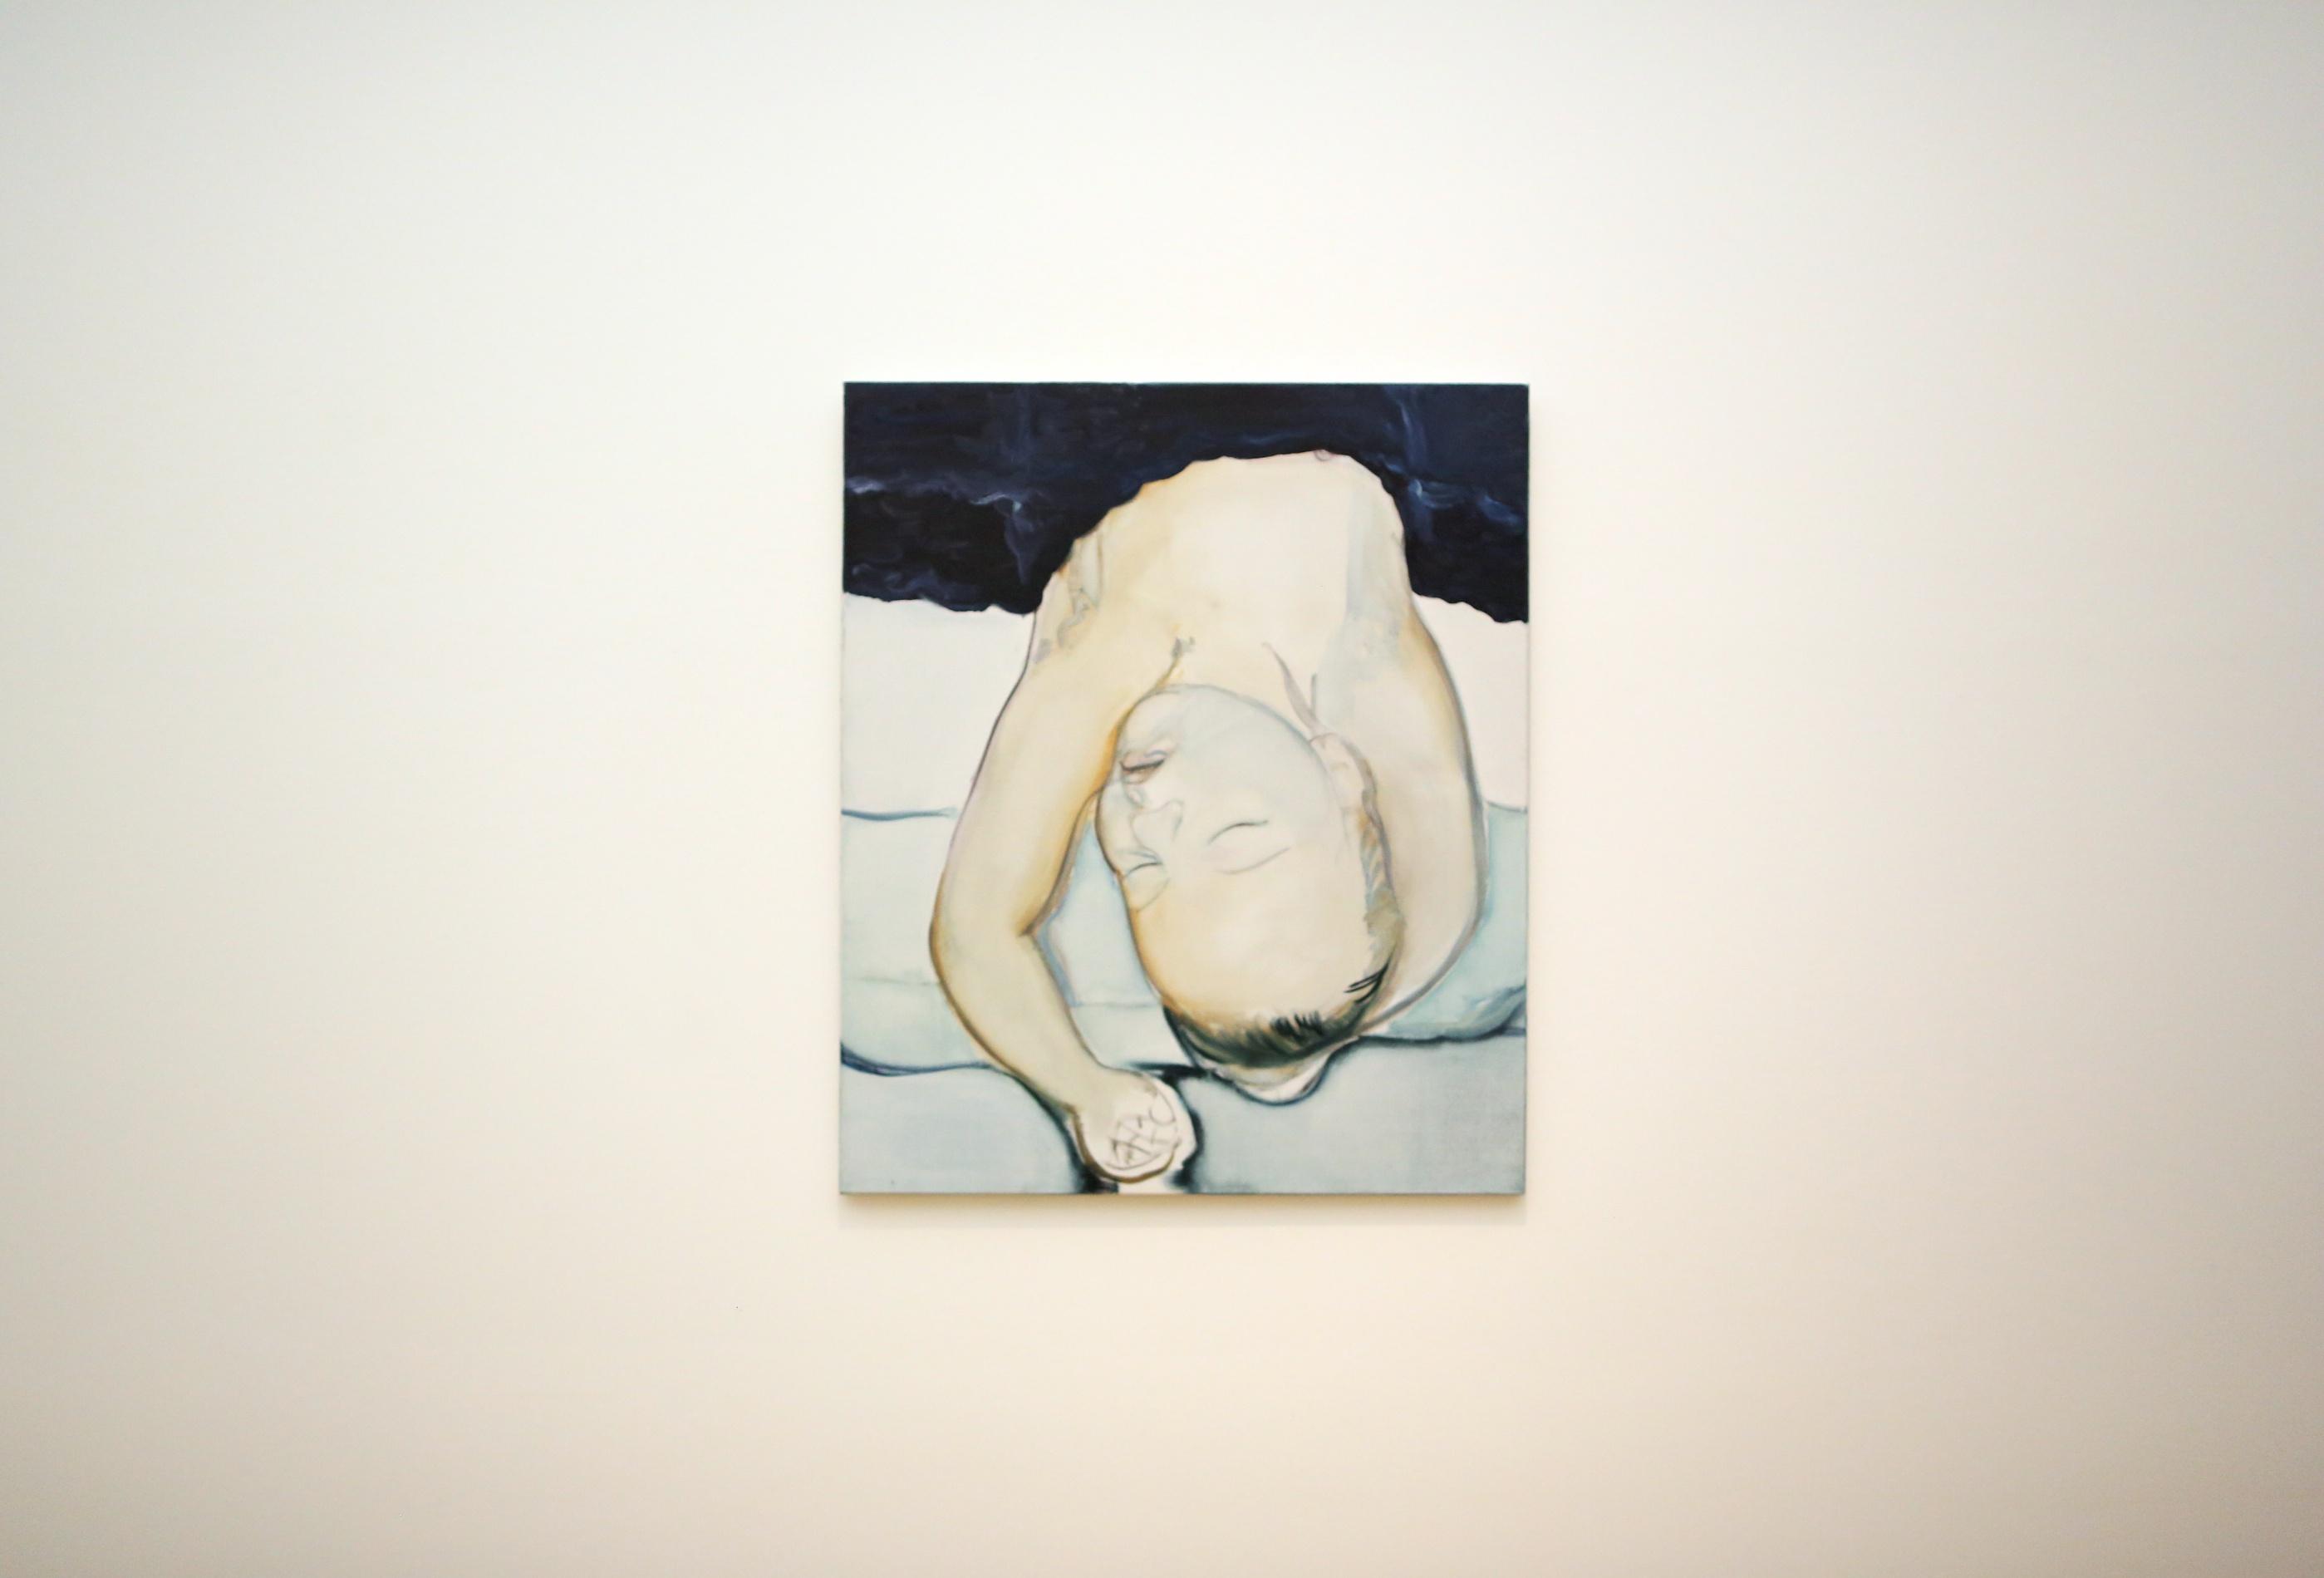 Marlene Dumas x Stedelijk © PulpCollectors 17